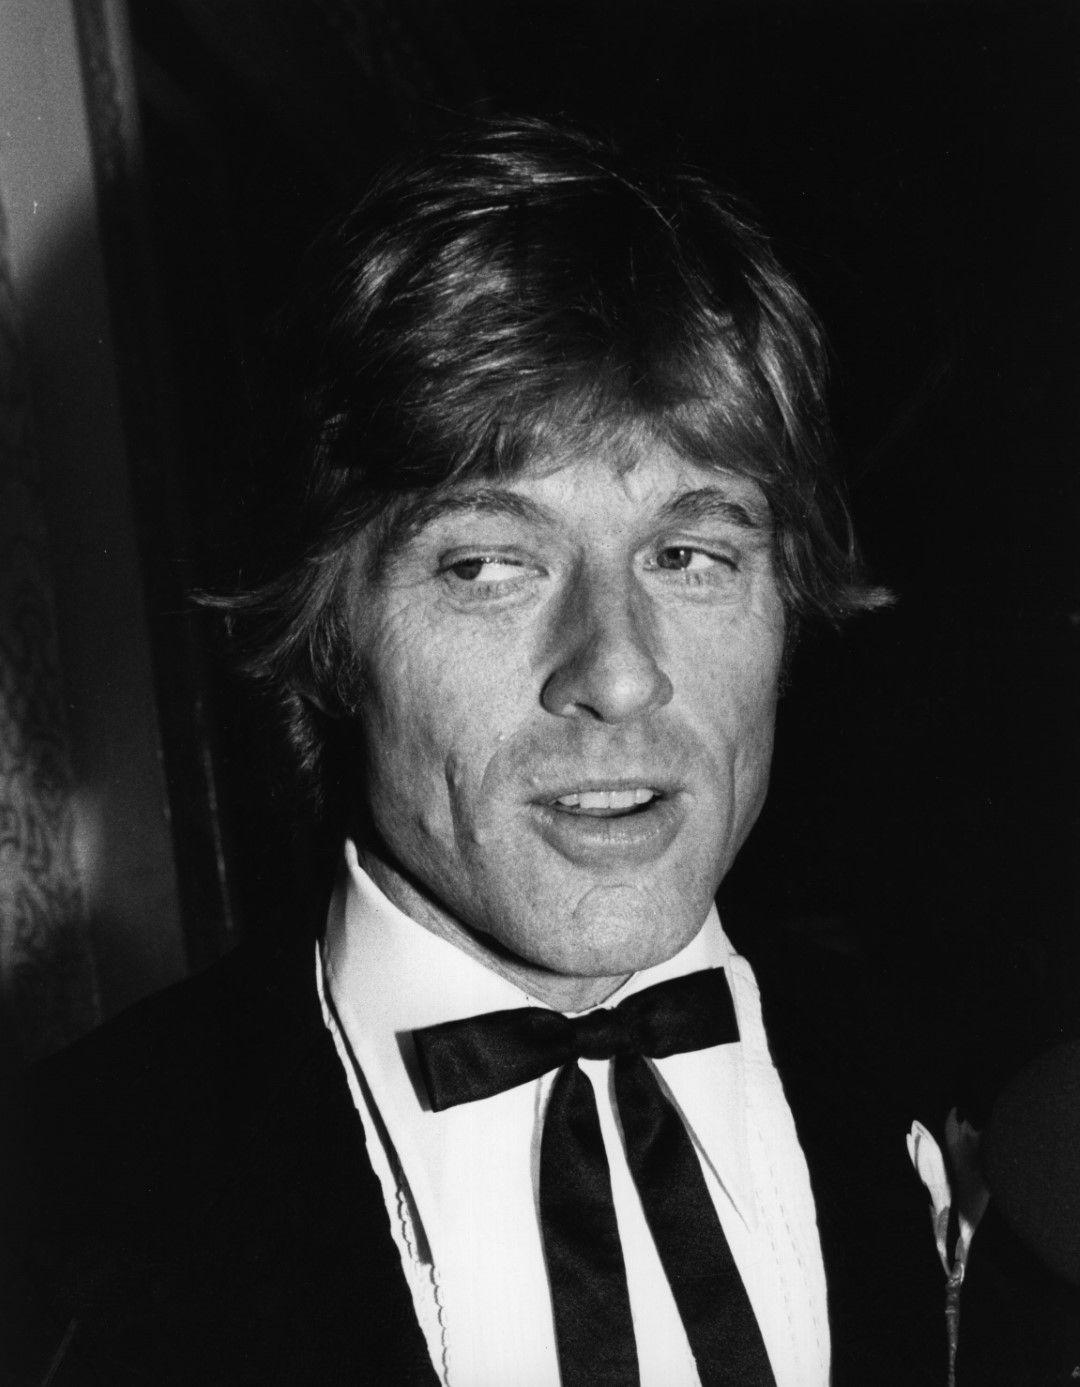 Робърт Редфорд на пресконференция през 1988 г.